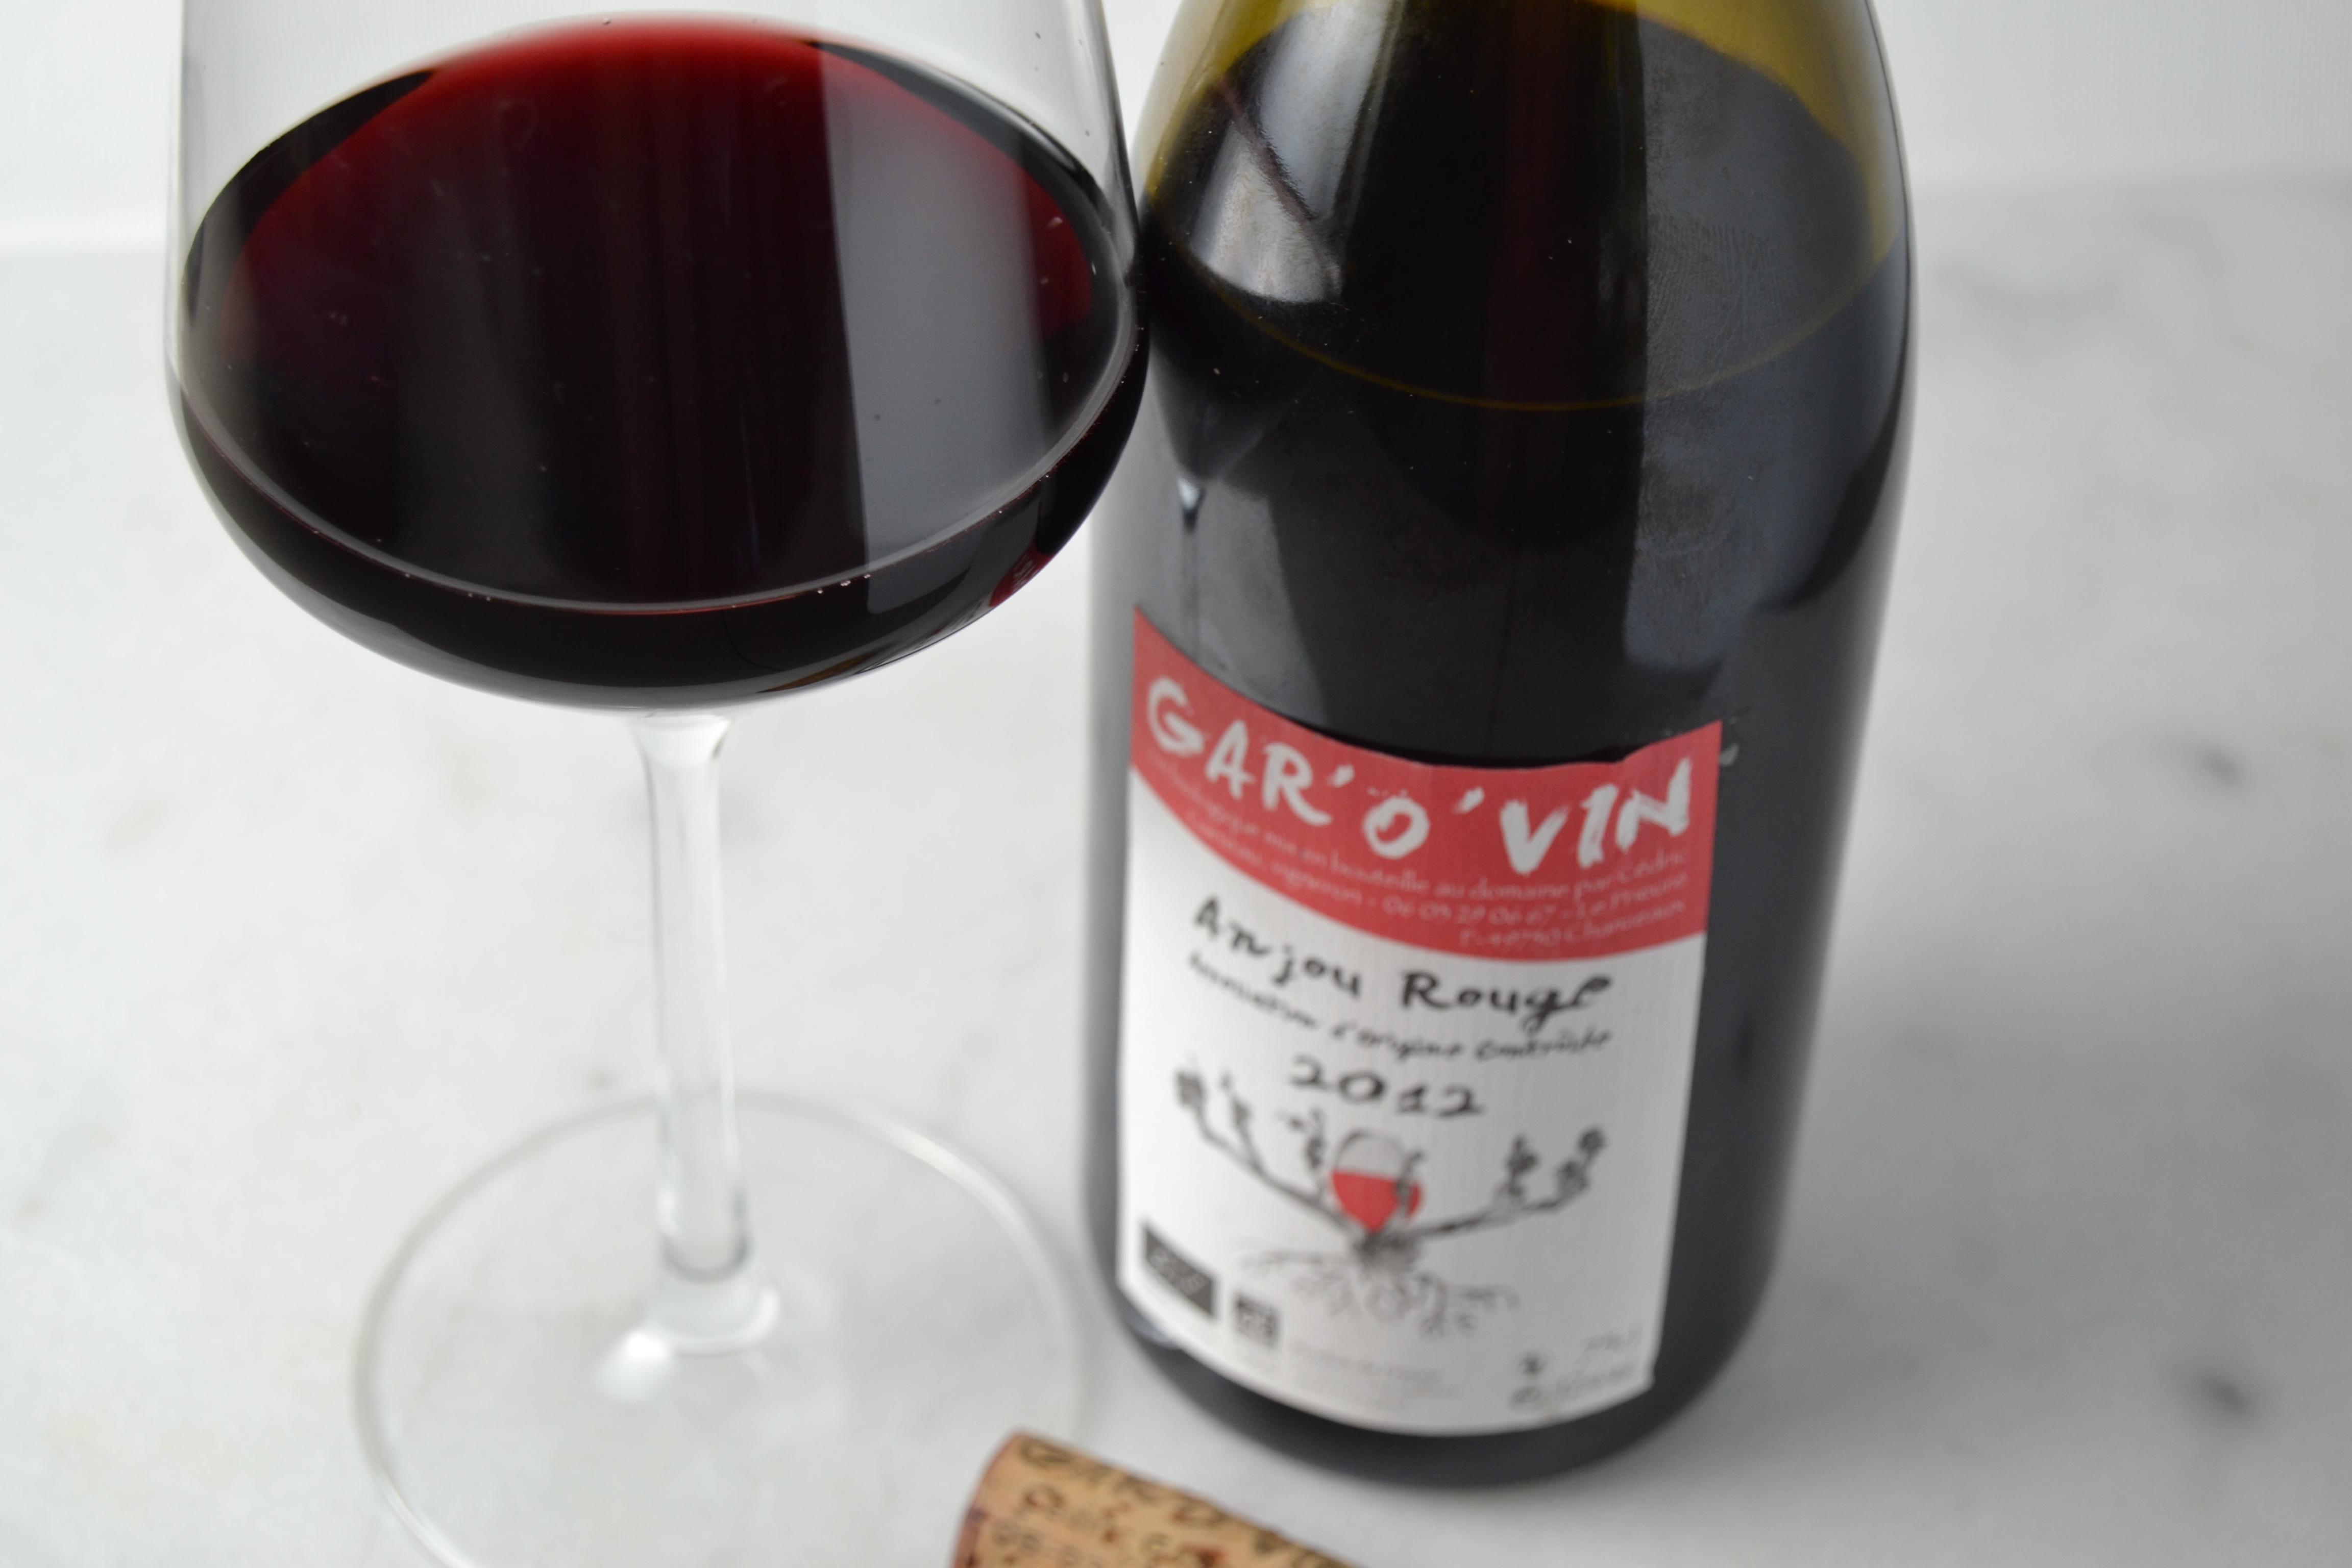 Gar'O'Vin Cabernet Franc Anjou Rouge